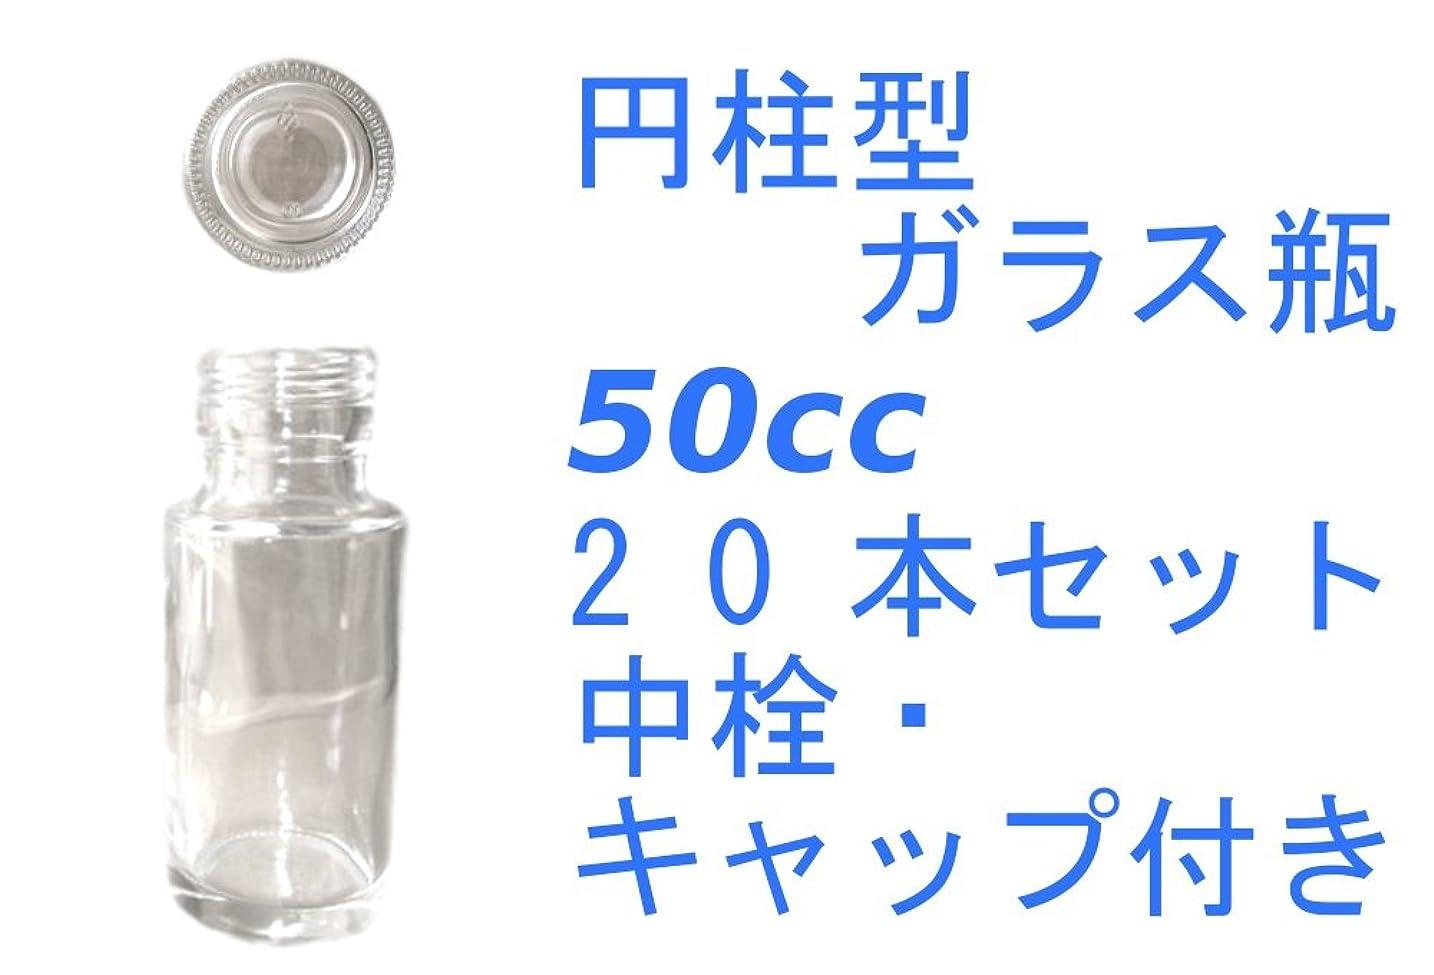 一シャーロットブロンテ地味な(ジャストユーズ) JustU's 日本製 ポリ栓 中栓付き円柱型ガラス瓶 20本セット 50cc 50ml アロマディフューザー ハーバリウム 調味料 オイル タレ ドレッシング瓶 B20-SSS50A-A